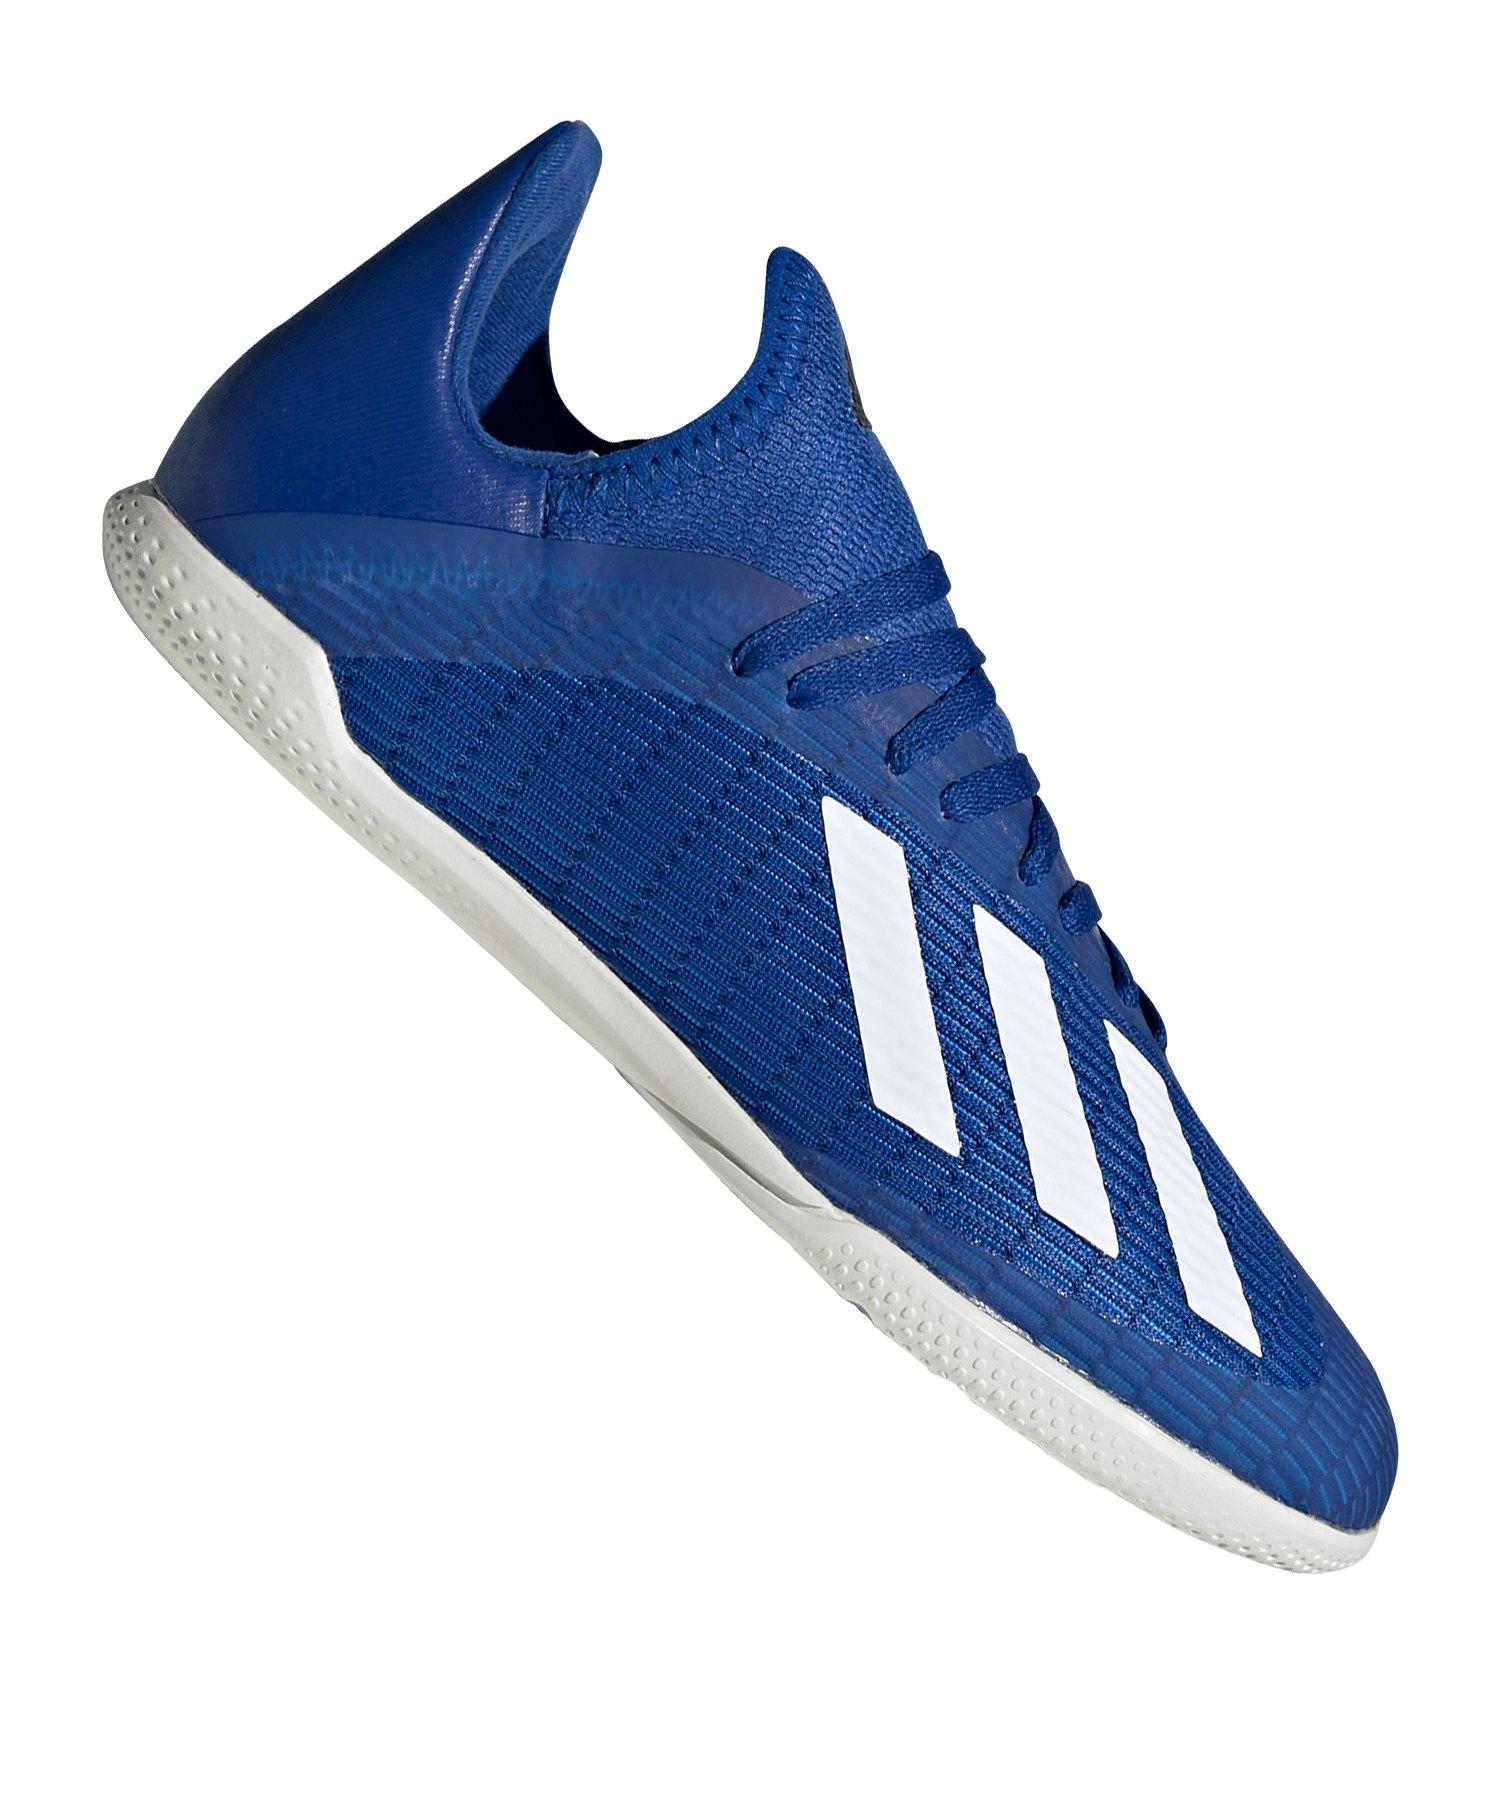 adidas X 19.3 IN Halle J Kids Blau Weiss Schwarz - blau